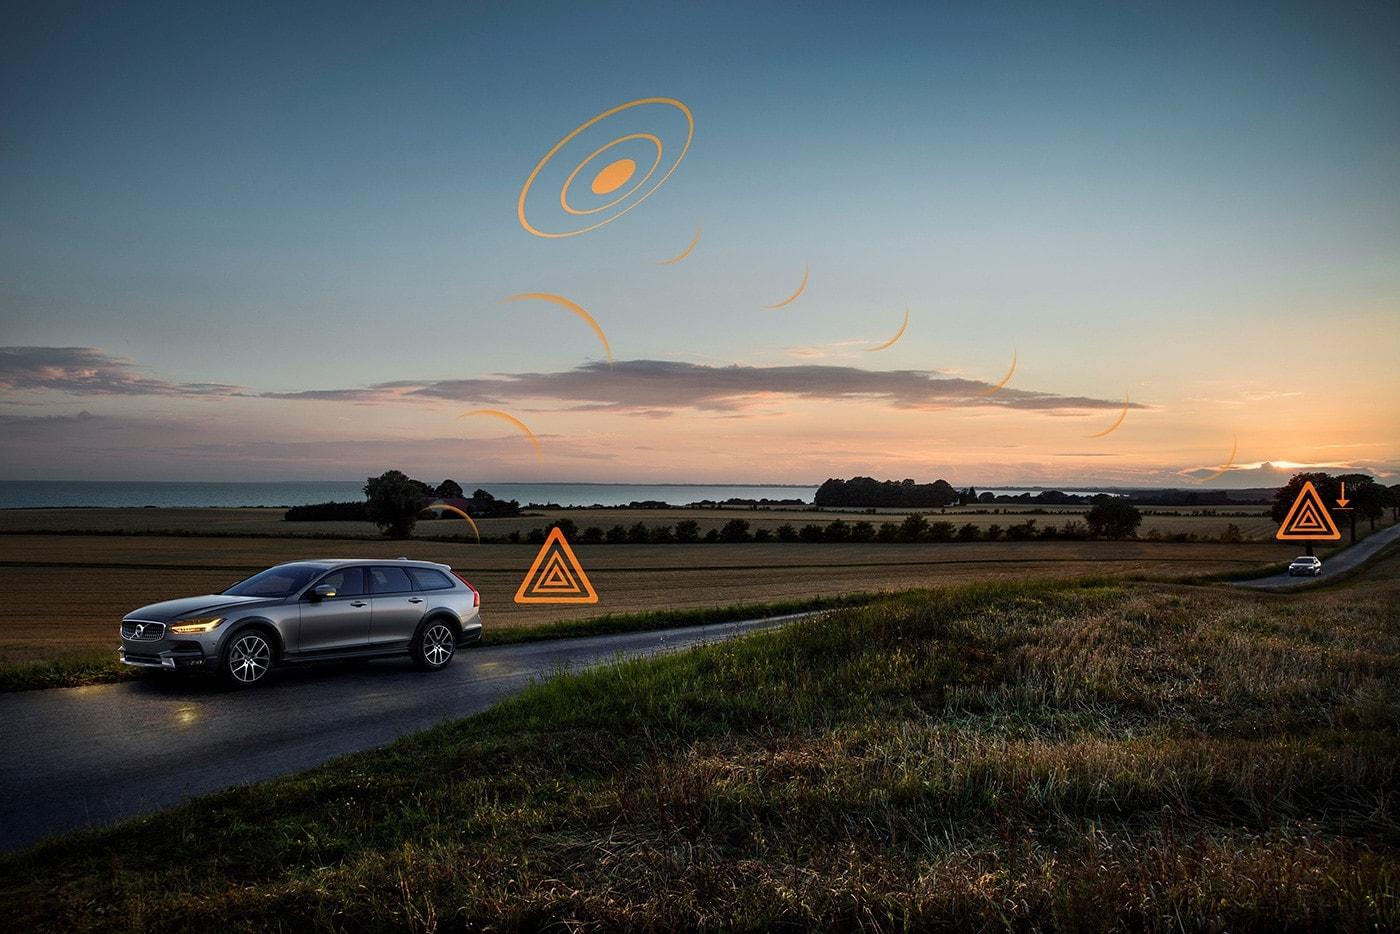 沃尔沃汽车加入欧洲道路安全数据共享试点项目